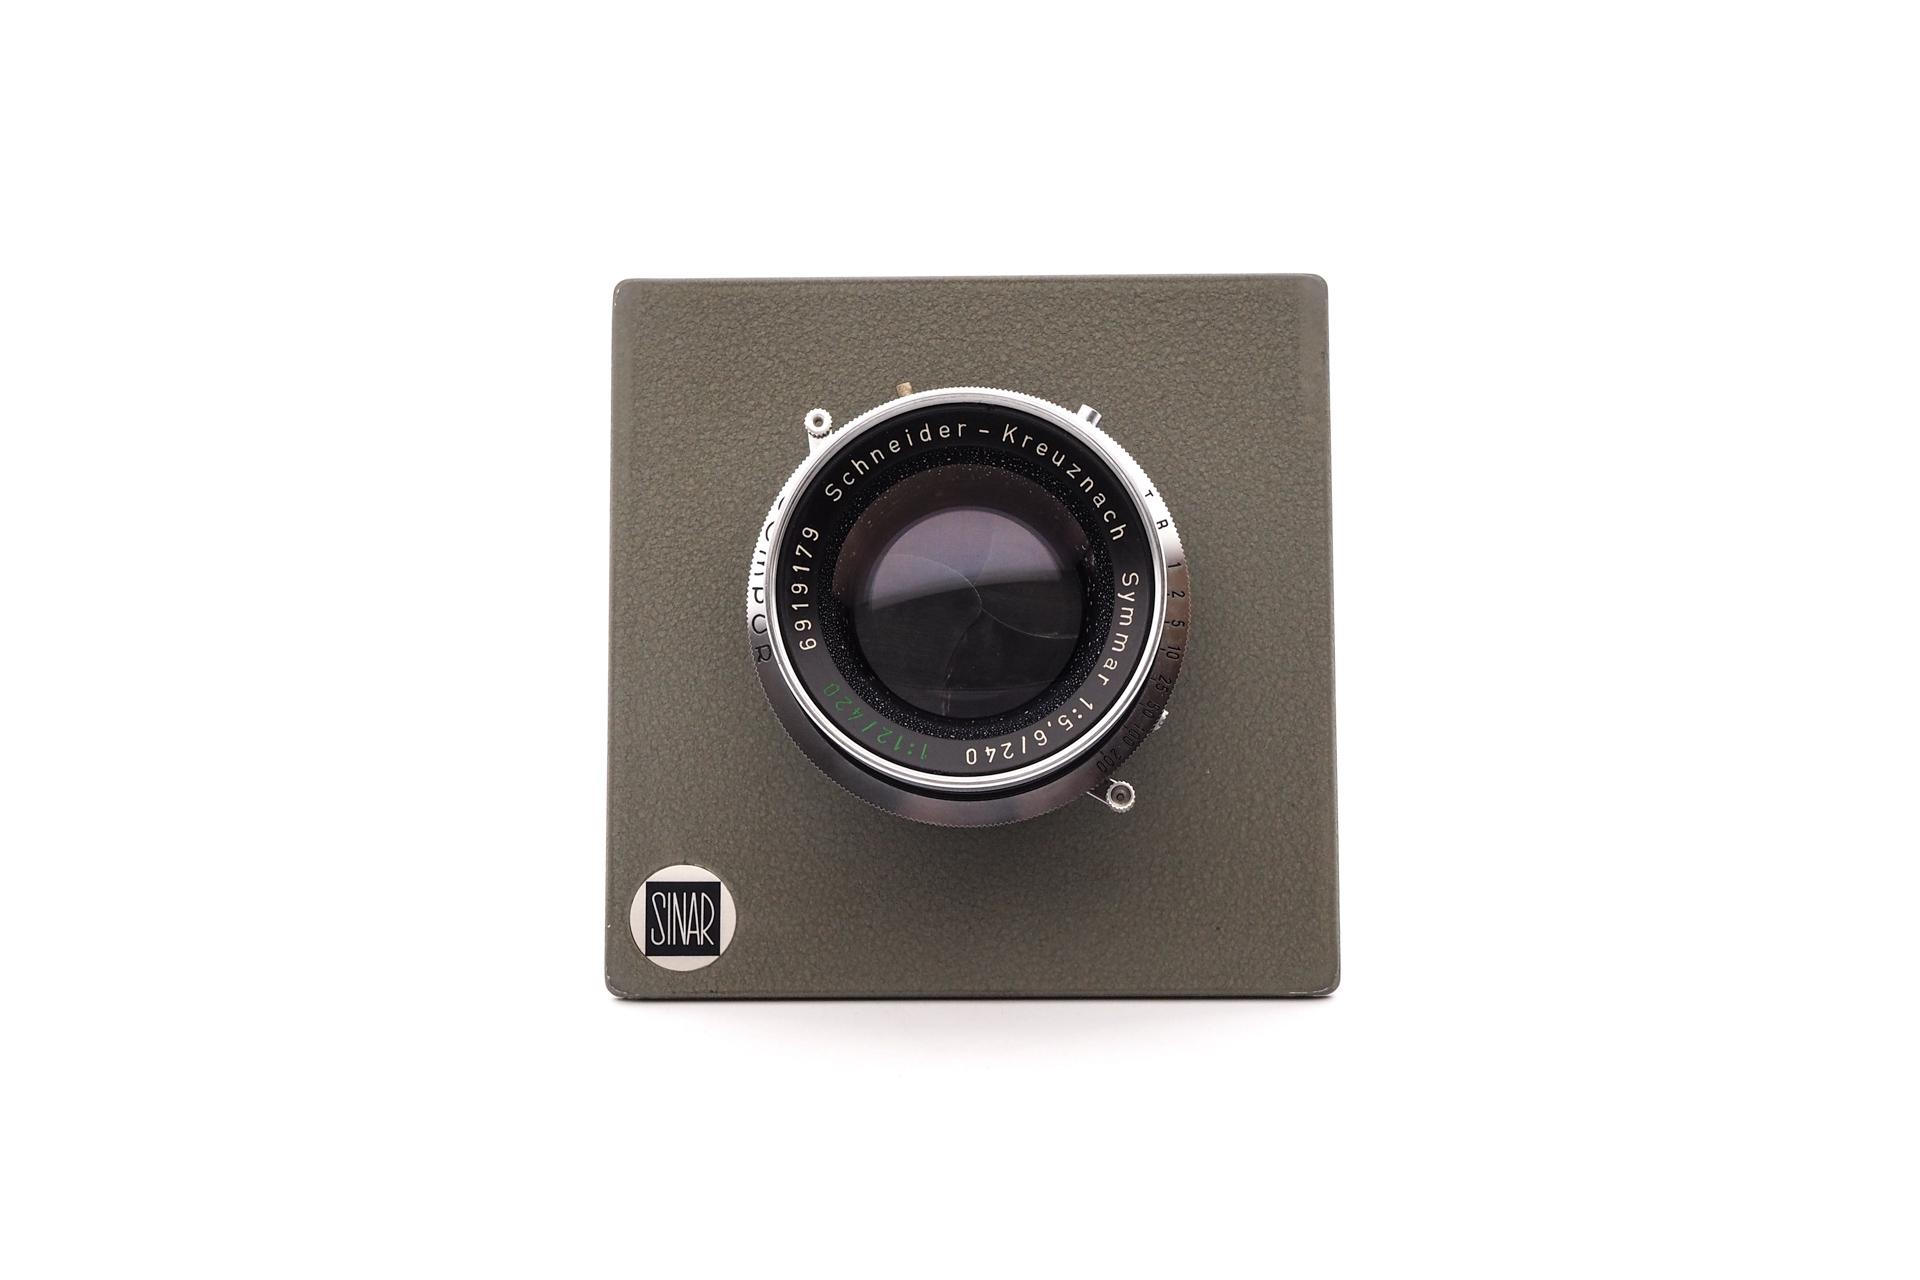 Sinar Plate Schneider 240mm F/5.6 Compur shutter